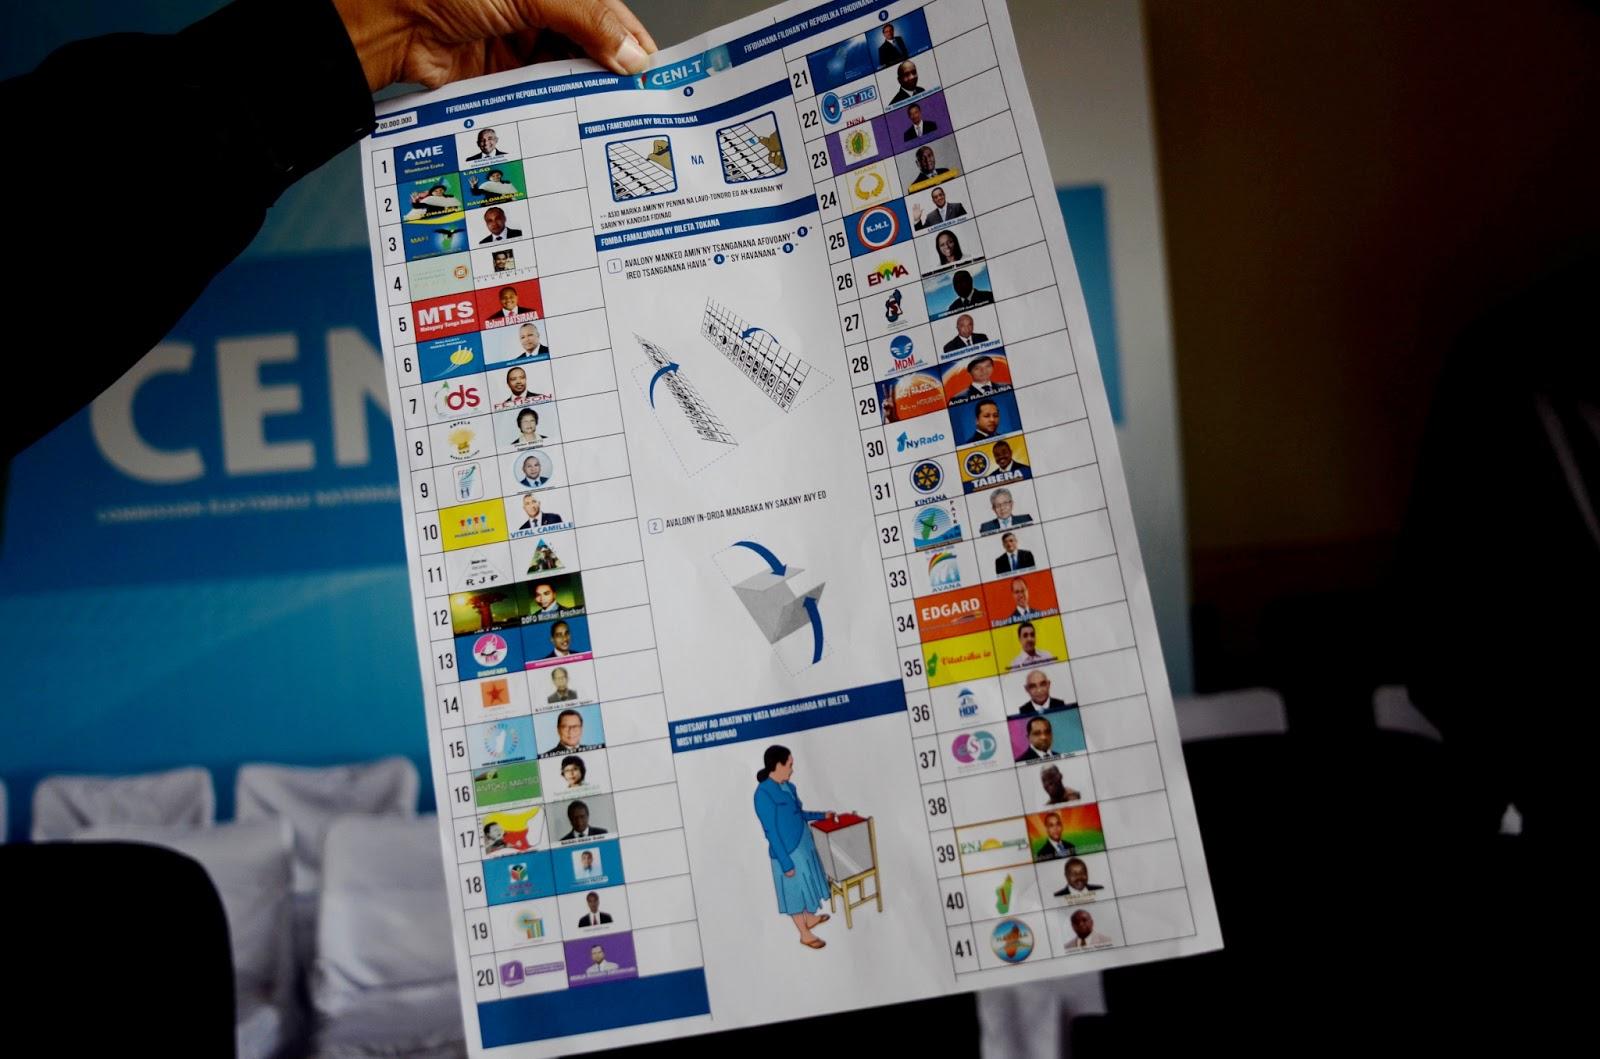 wHO's who? l'élection présidentielle à Madagascar en 18 photos  BULLETIN+4+CLR